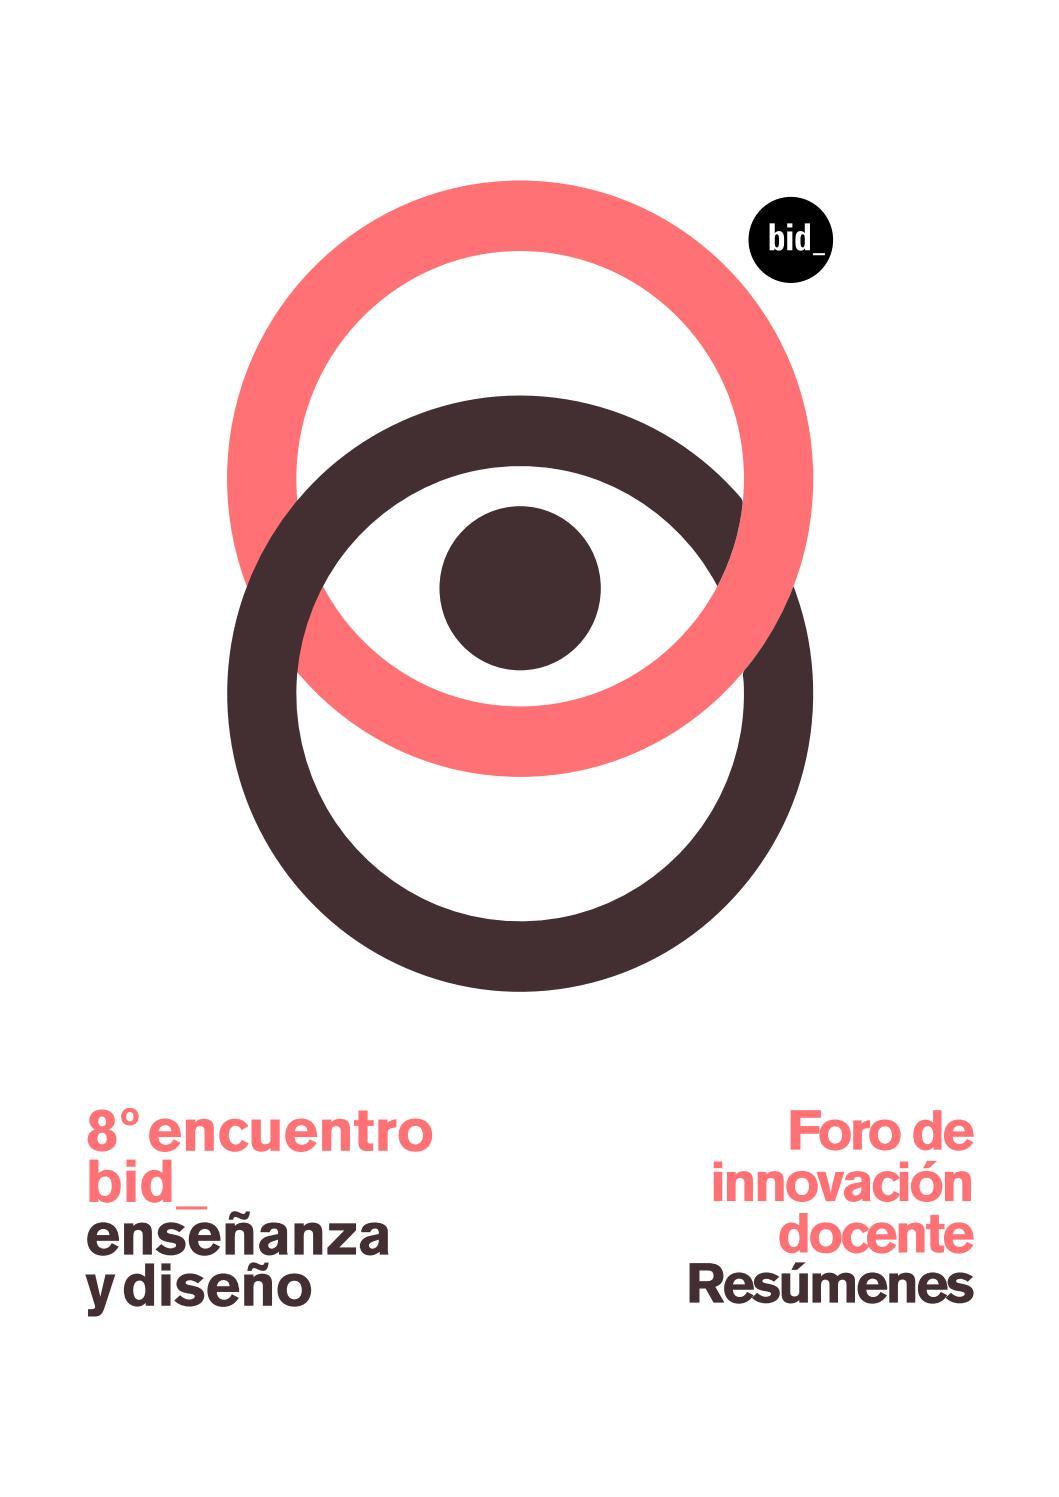 8º Encuentro Bid De Enseñanza Y Diseño Foro De Innovación Docente Comunicaciones Resúmenes By Bienaliberoamericanadediseño Issuu